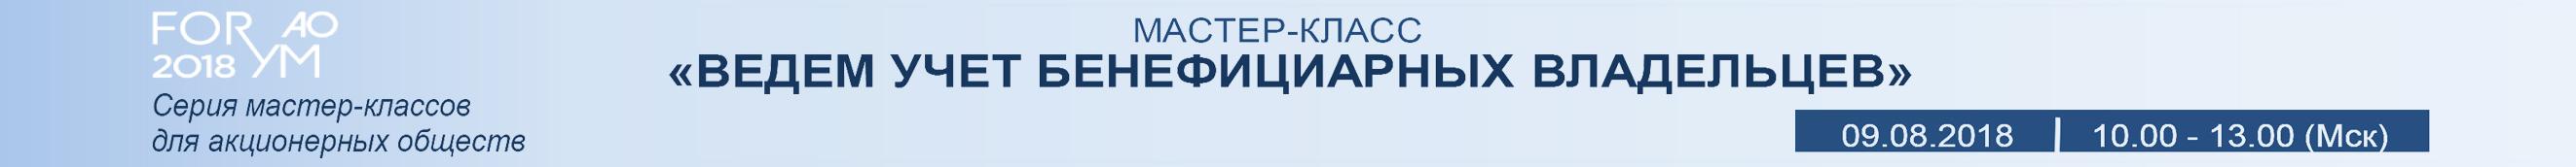 ФОРУМ АКЦИОНЕРНЫХ ОБЩЕСТВ